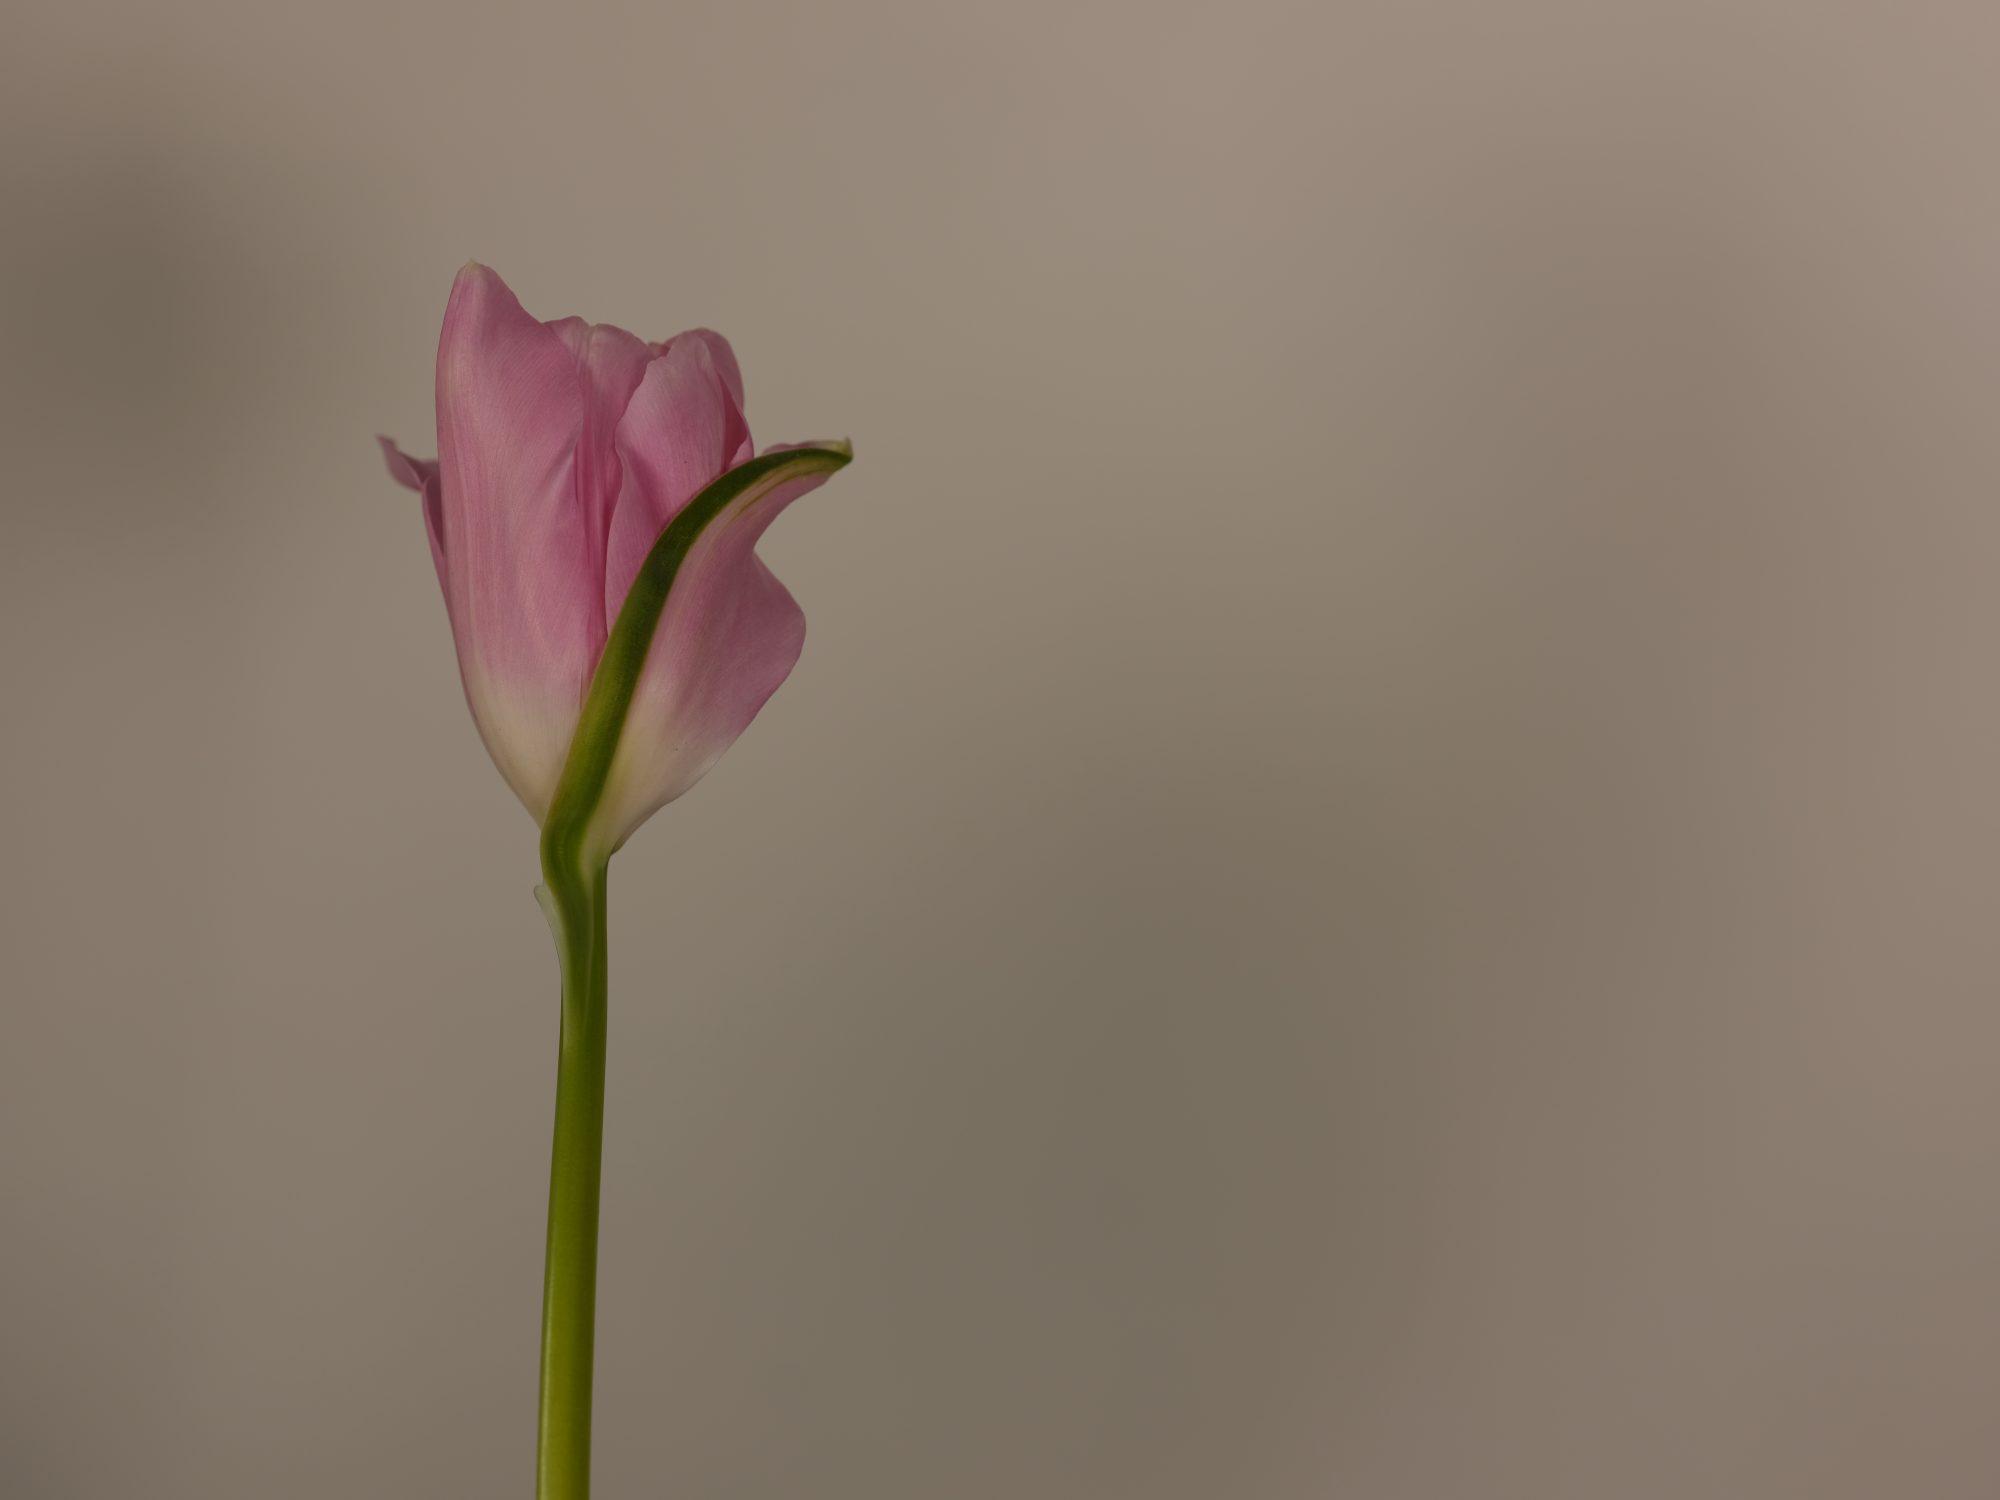 Tulip by Deborah Lyon